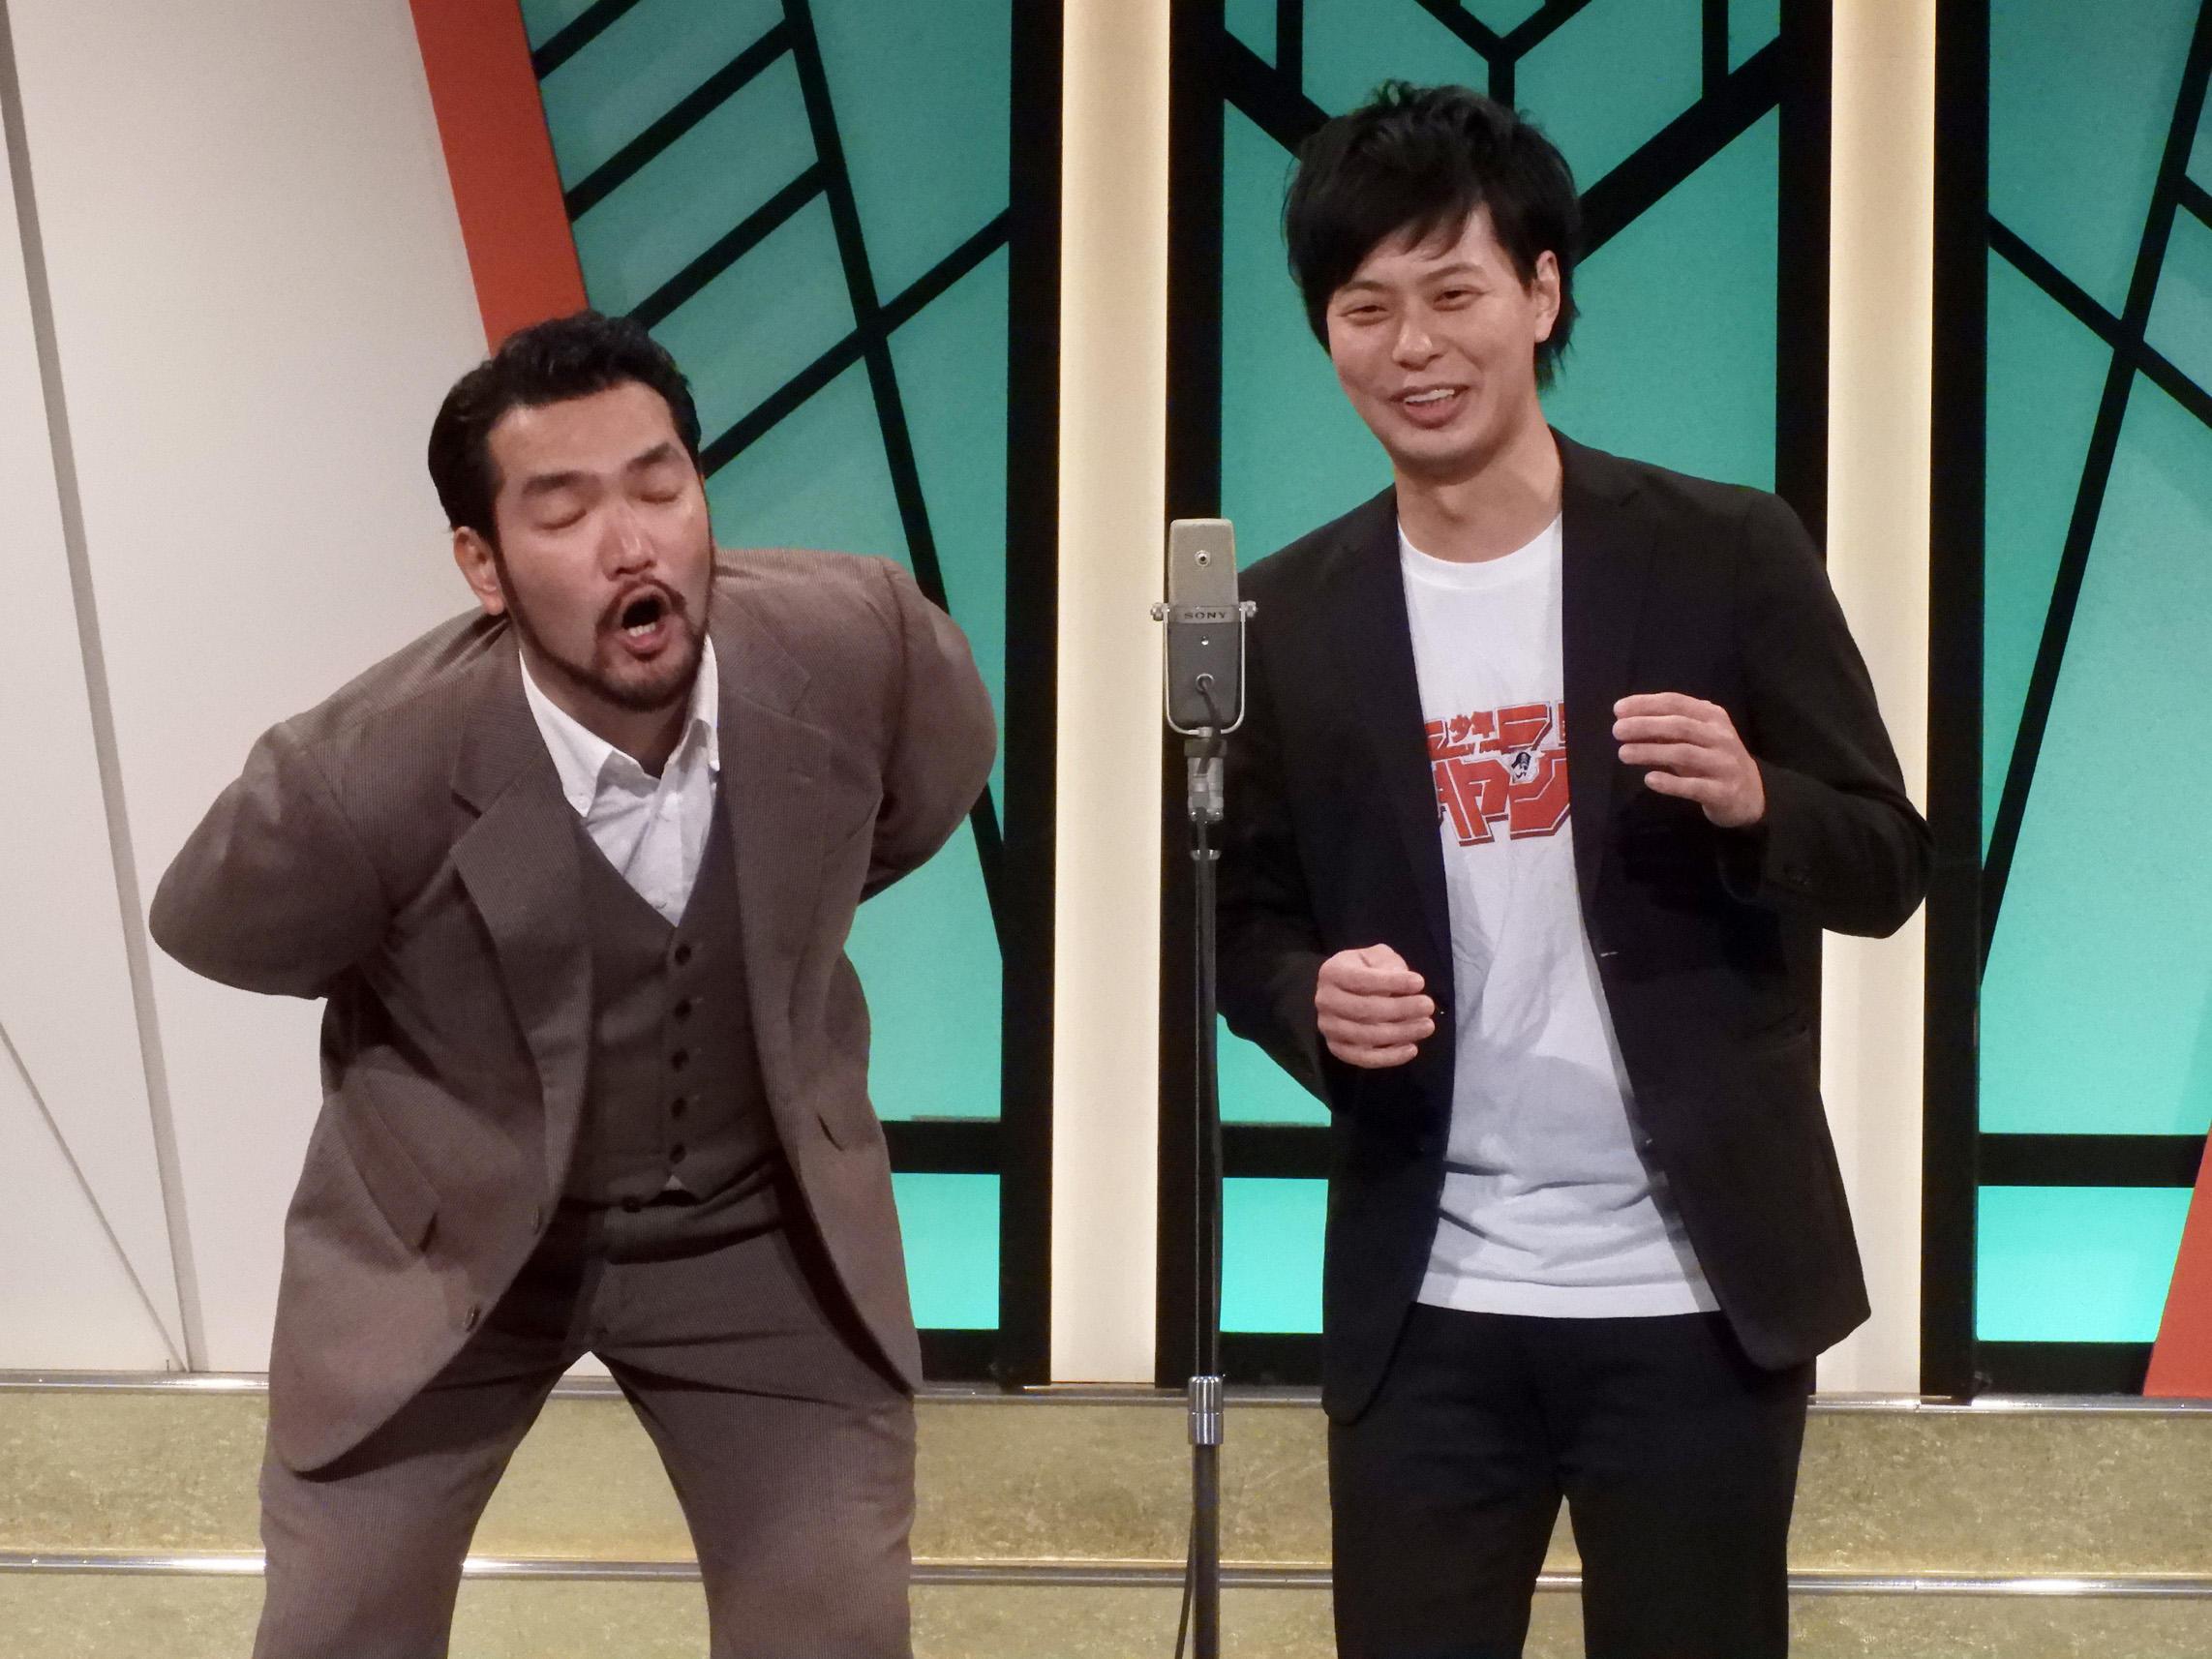 http://news.yoshimoto.co.jp/20181109120131-58e6682aa5cf699b34dd2da7535918740e16cda2.jpg